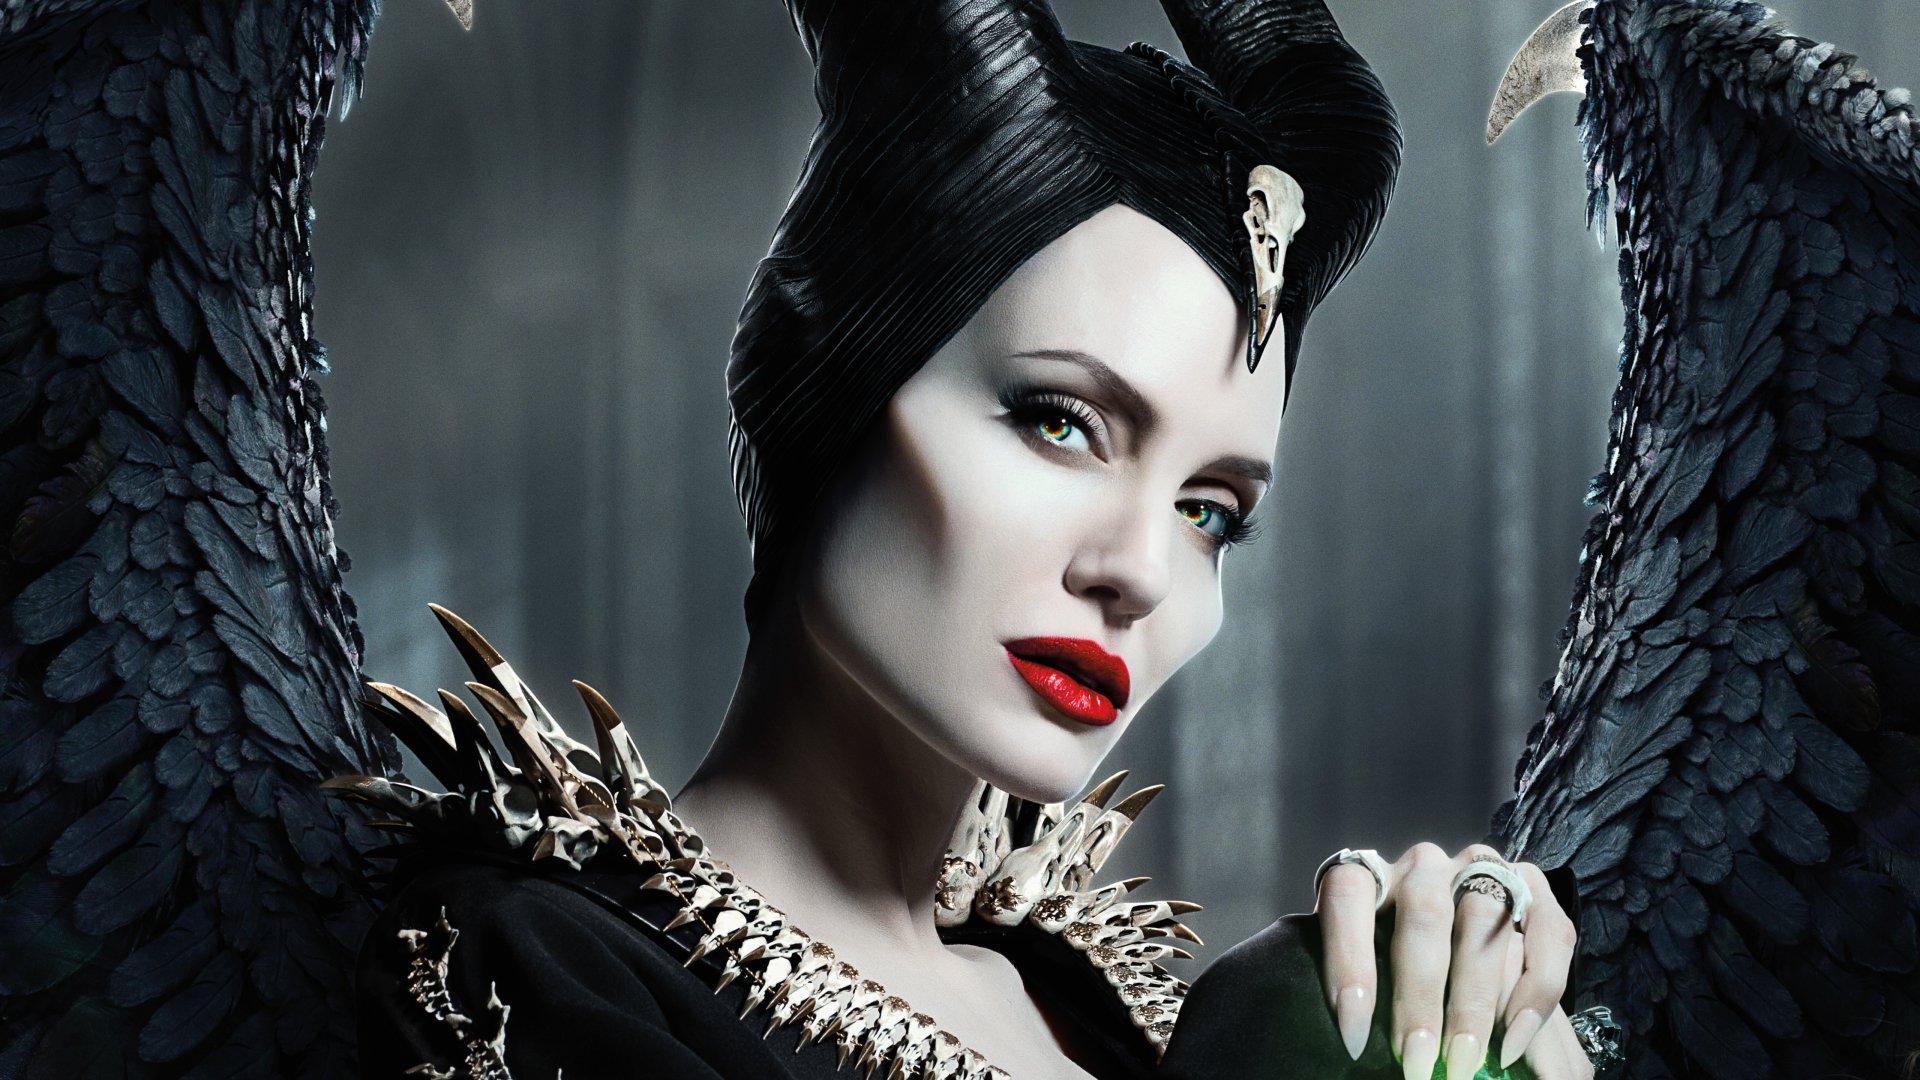 16 Maleficent Mistress Of Evil Fondos De Pantalla Hd